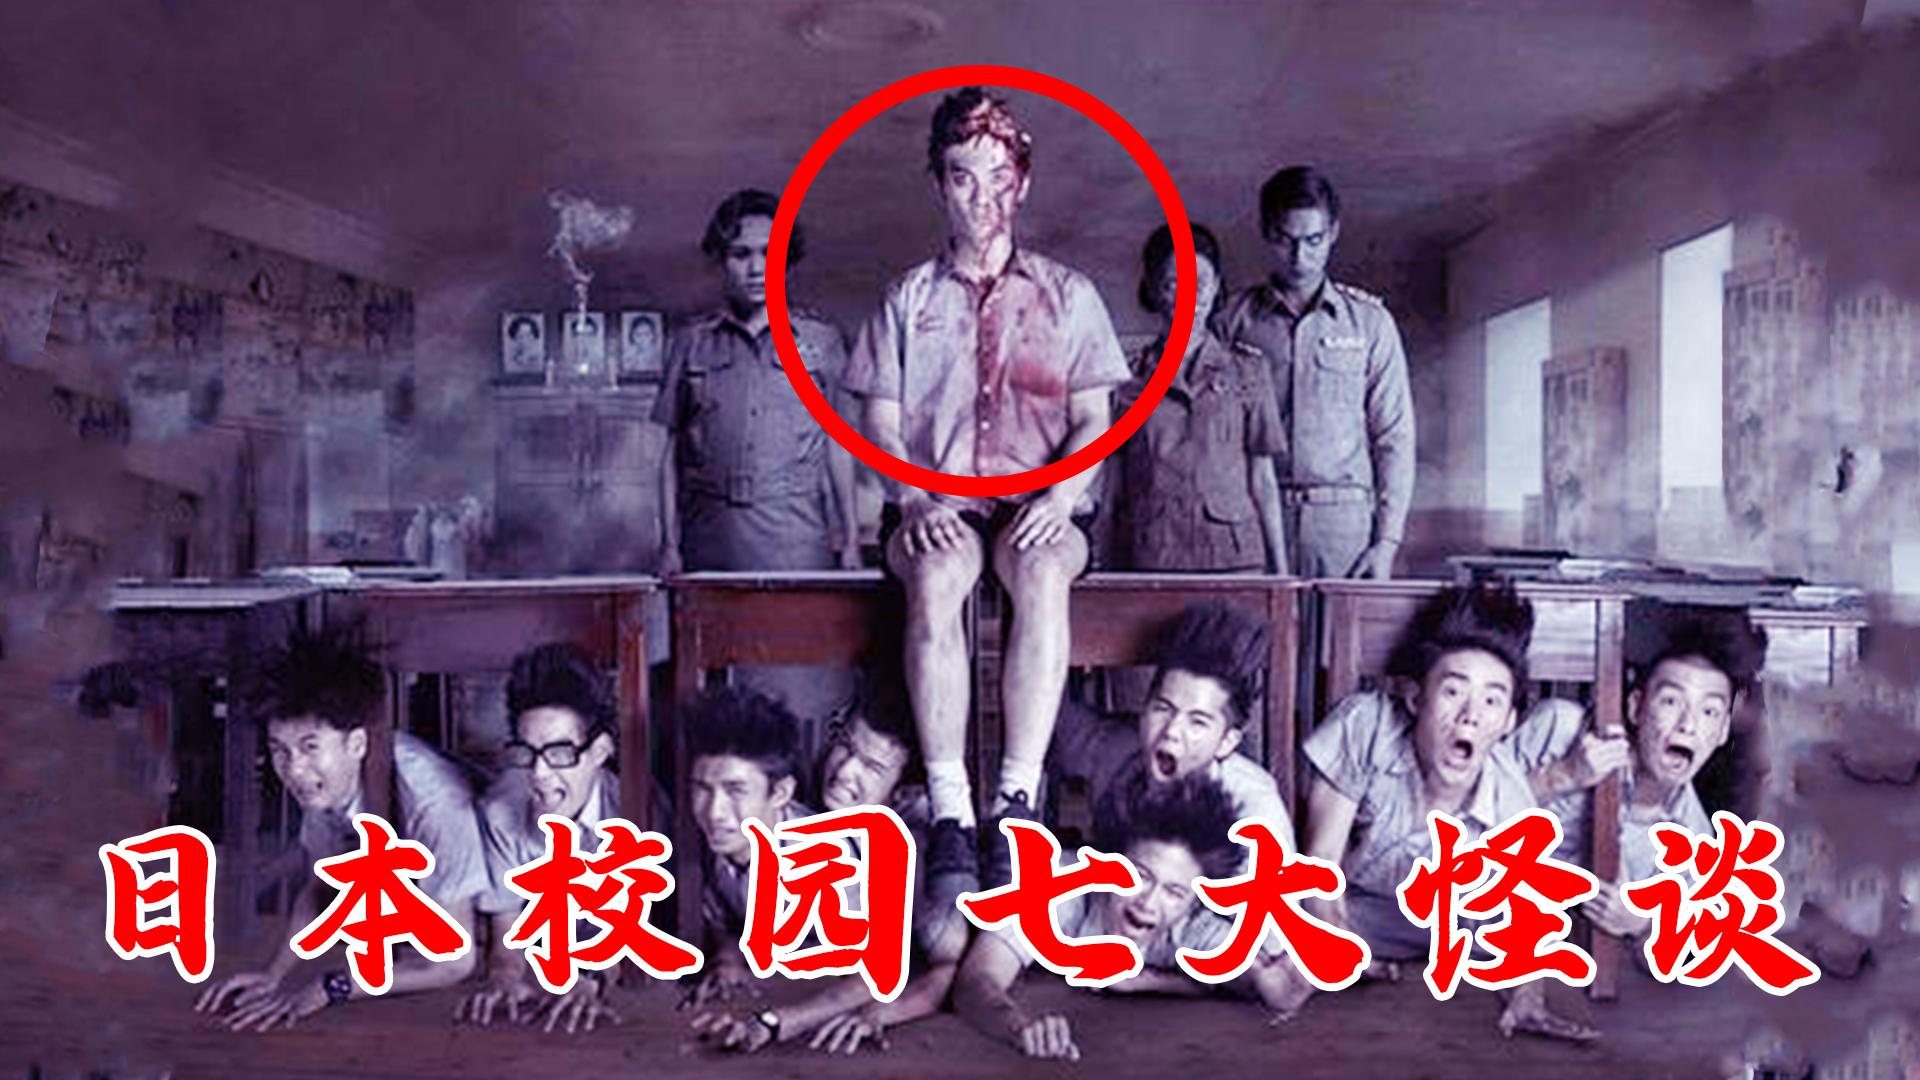 日本校园七大怪谈,上厕所的女生、厕所女鬼花子小姐均上榜!